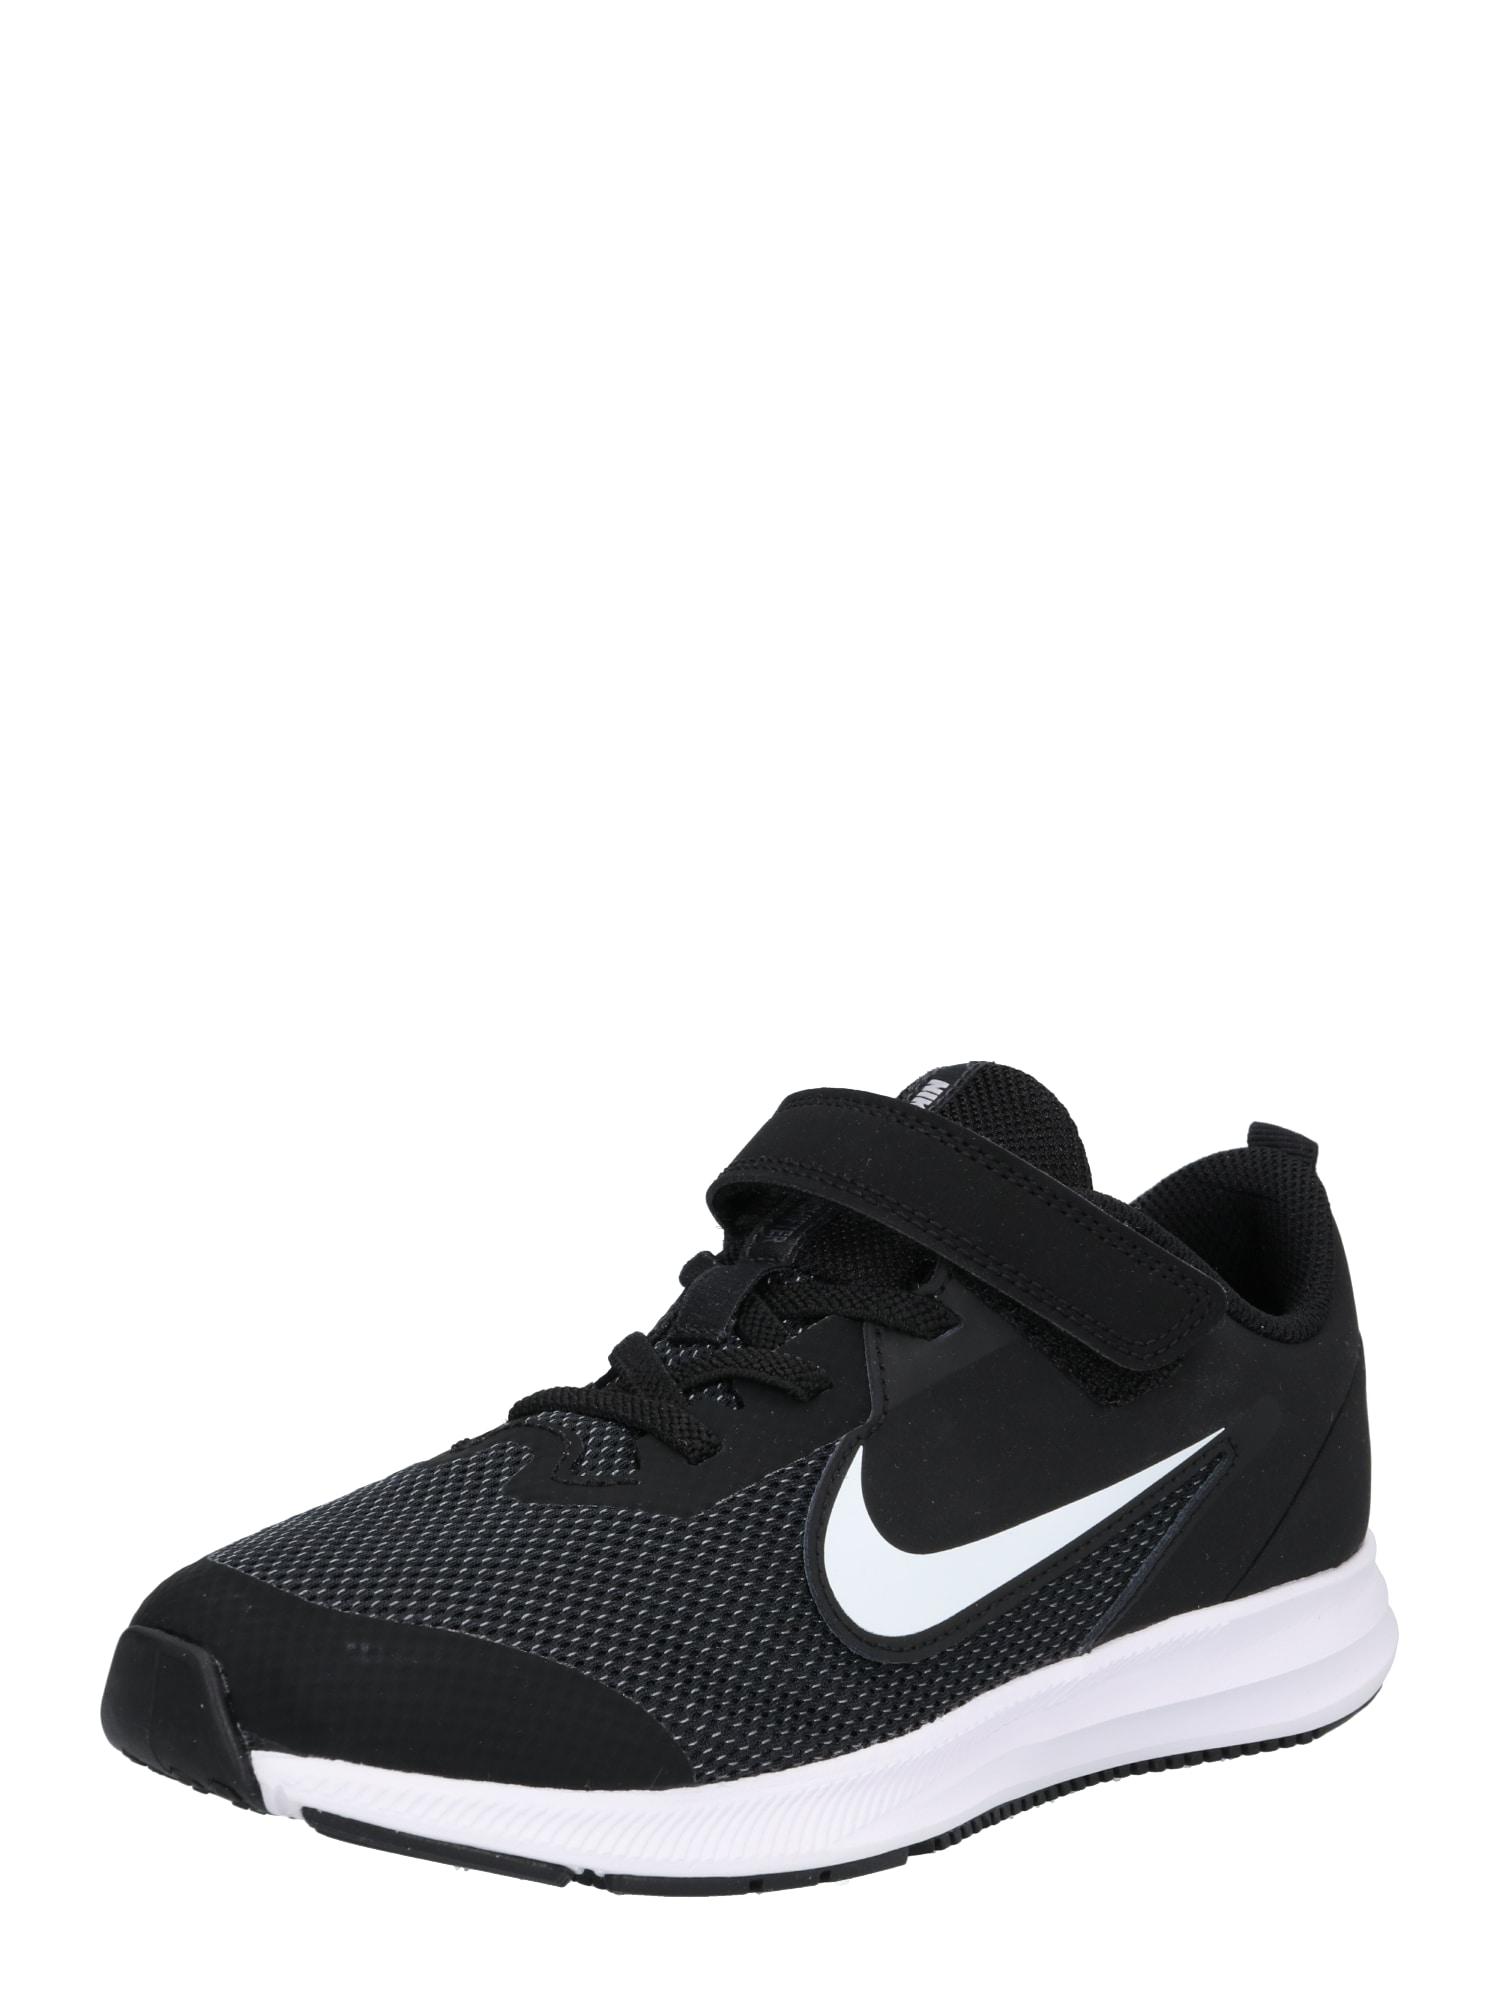 Sportovní boty černá bílá NIKE